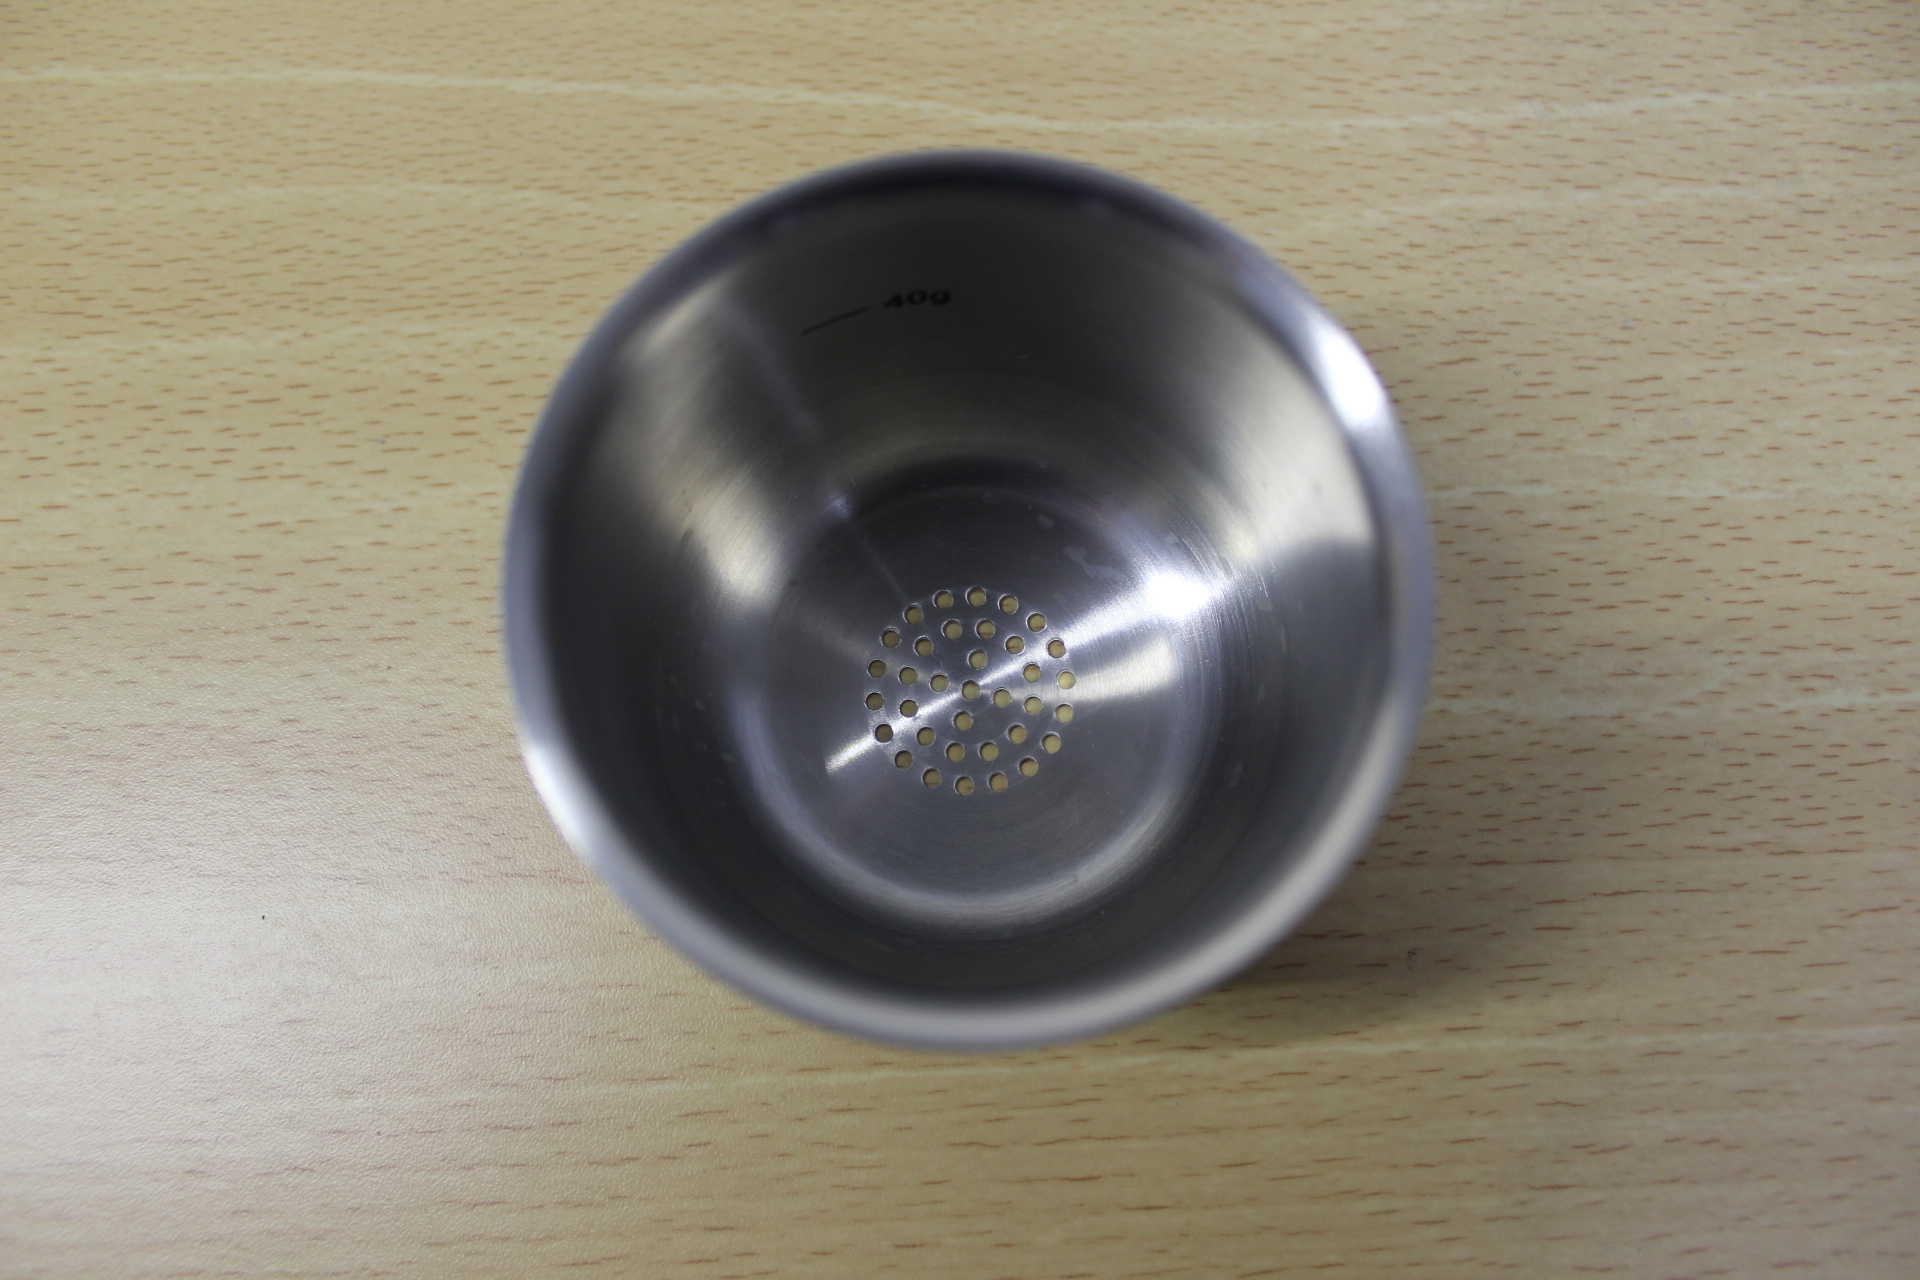 コールドブリューが作れるWiswell Water Dripperのコーヒーバスケット